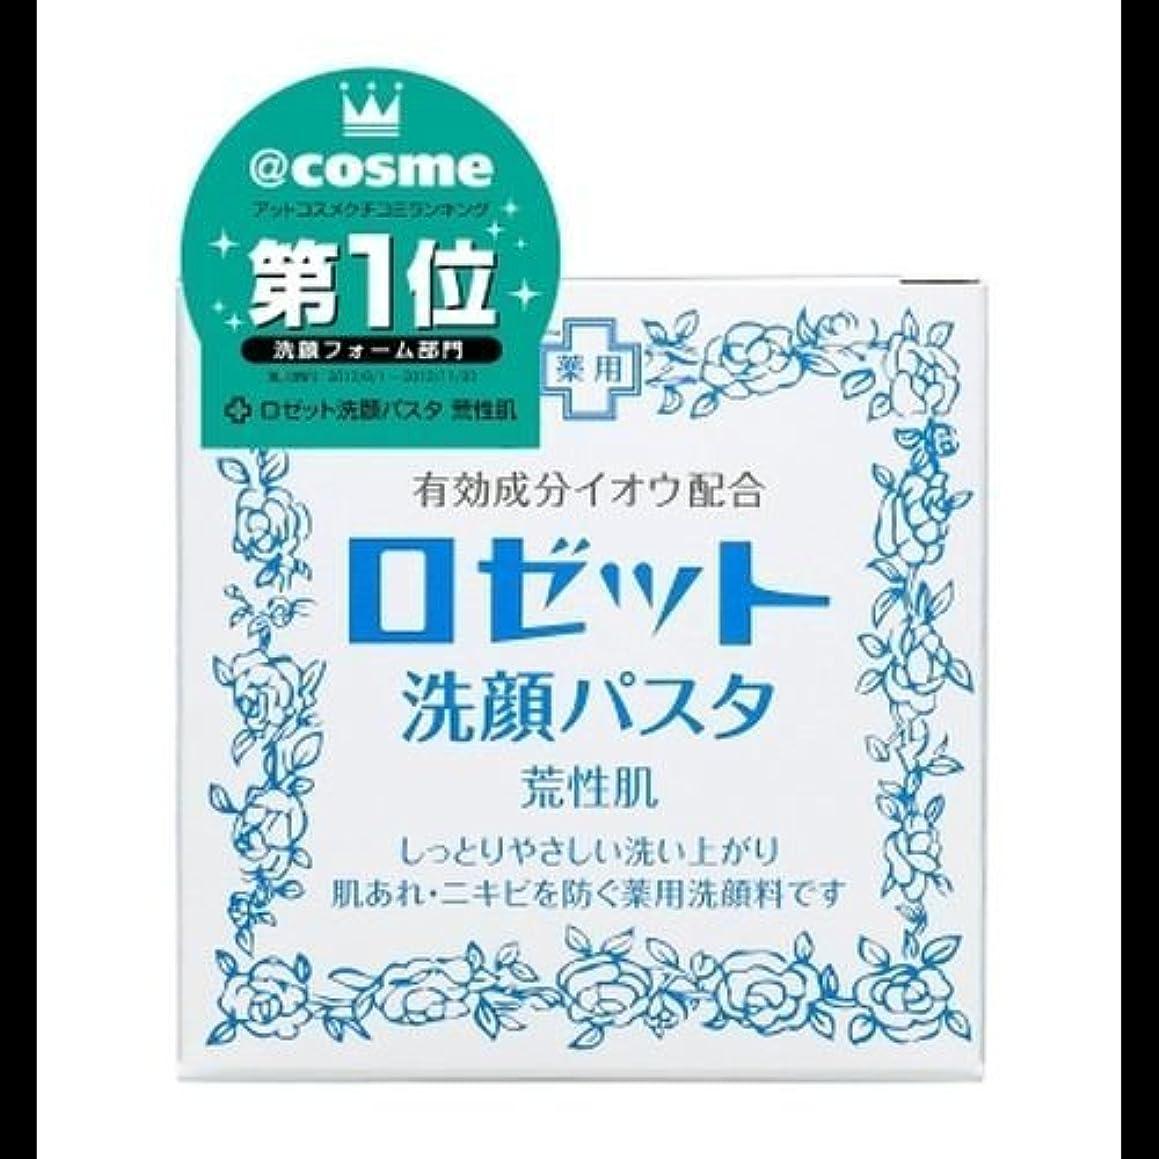 禁止険しい小康【まとめ買い】ロゼット 洗顔パスタ 荒性90g ×2セット